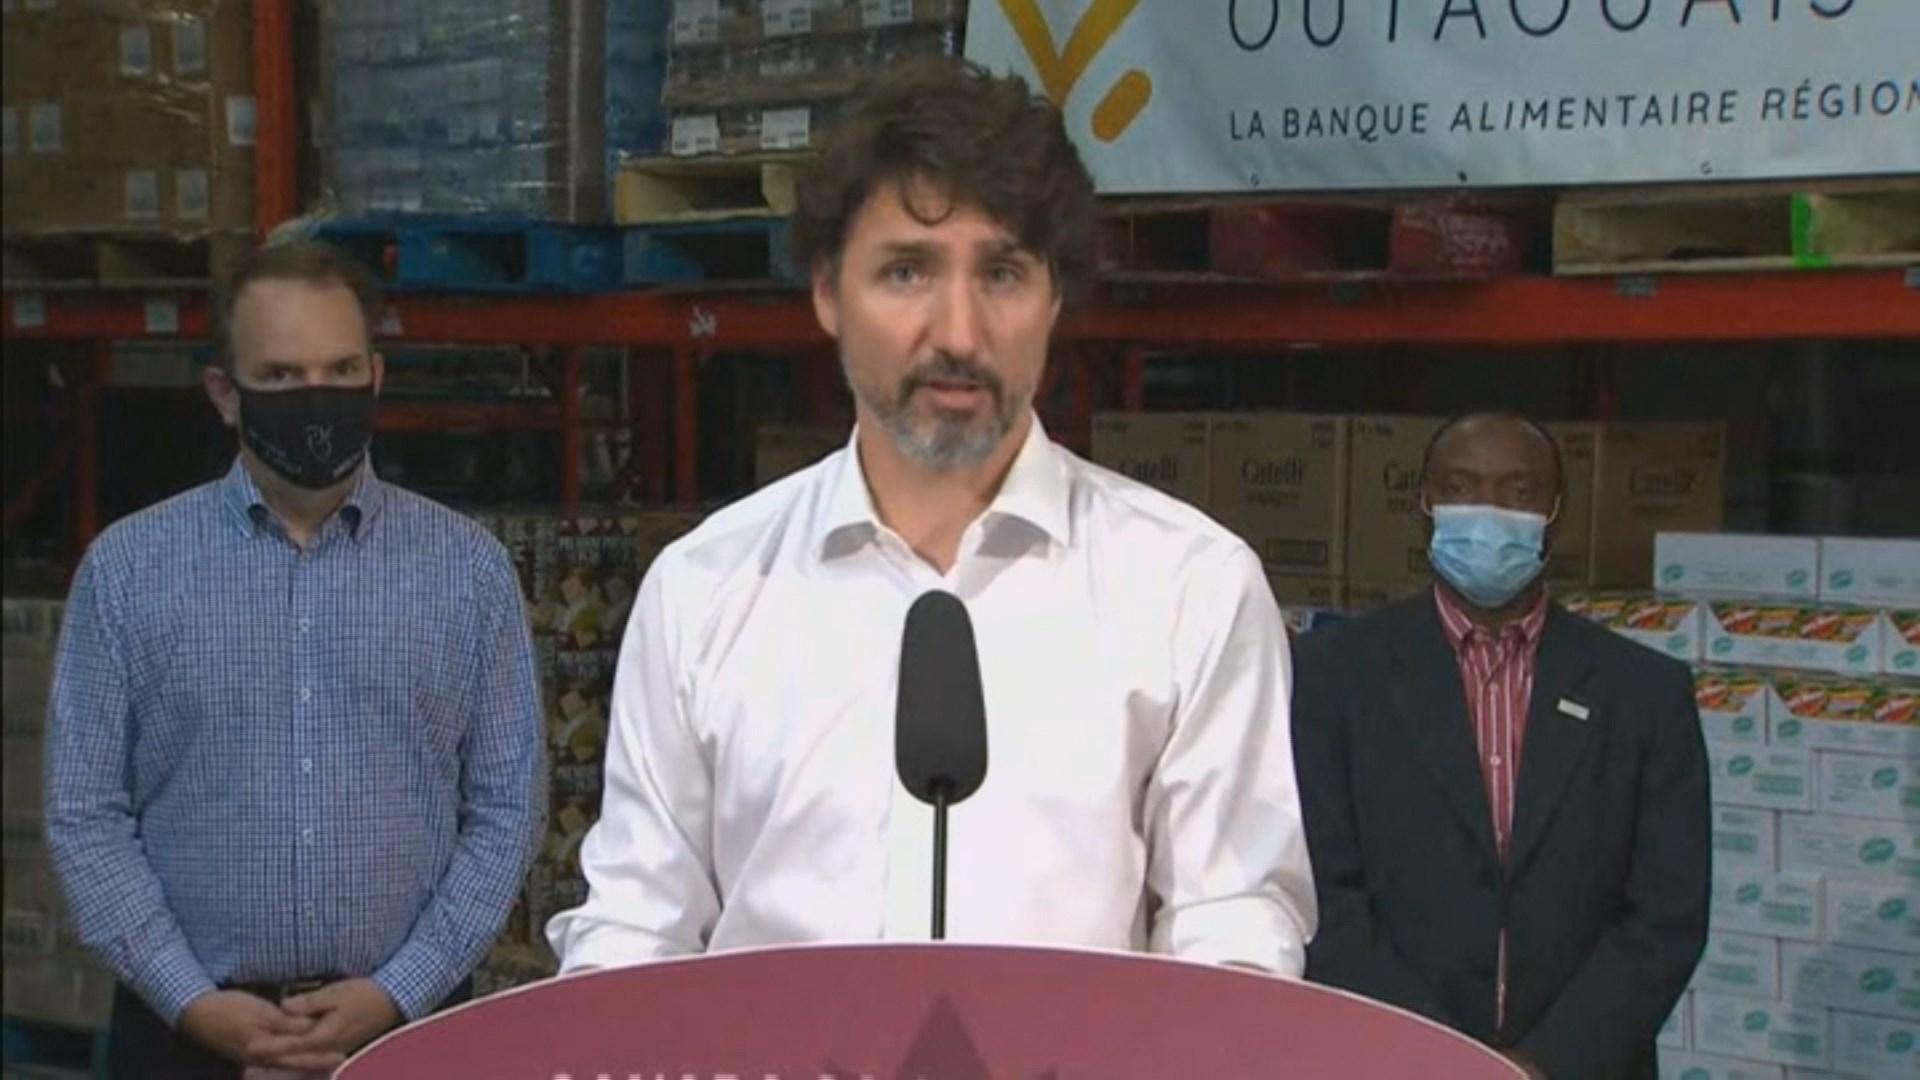 캐나다, 홍콩과 범죄인인도조약 중단